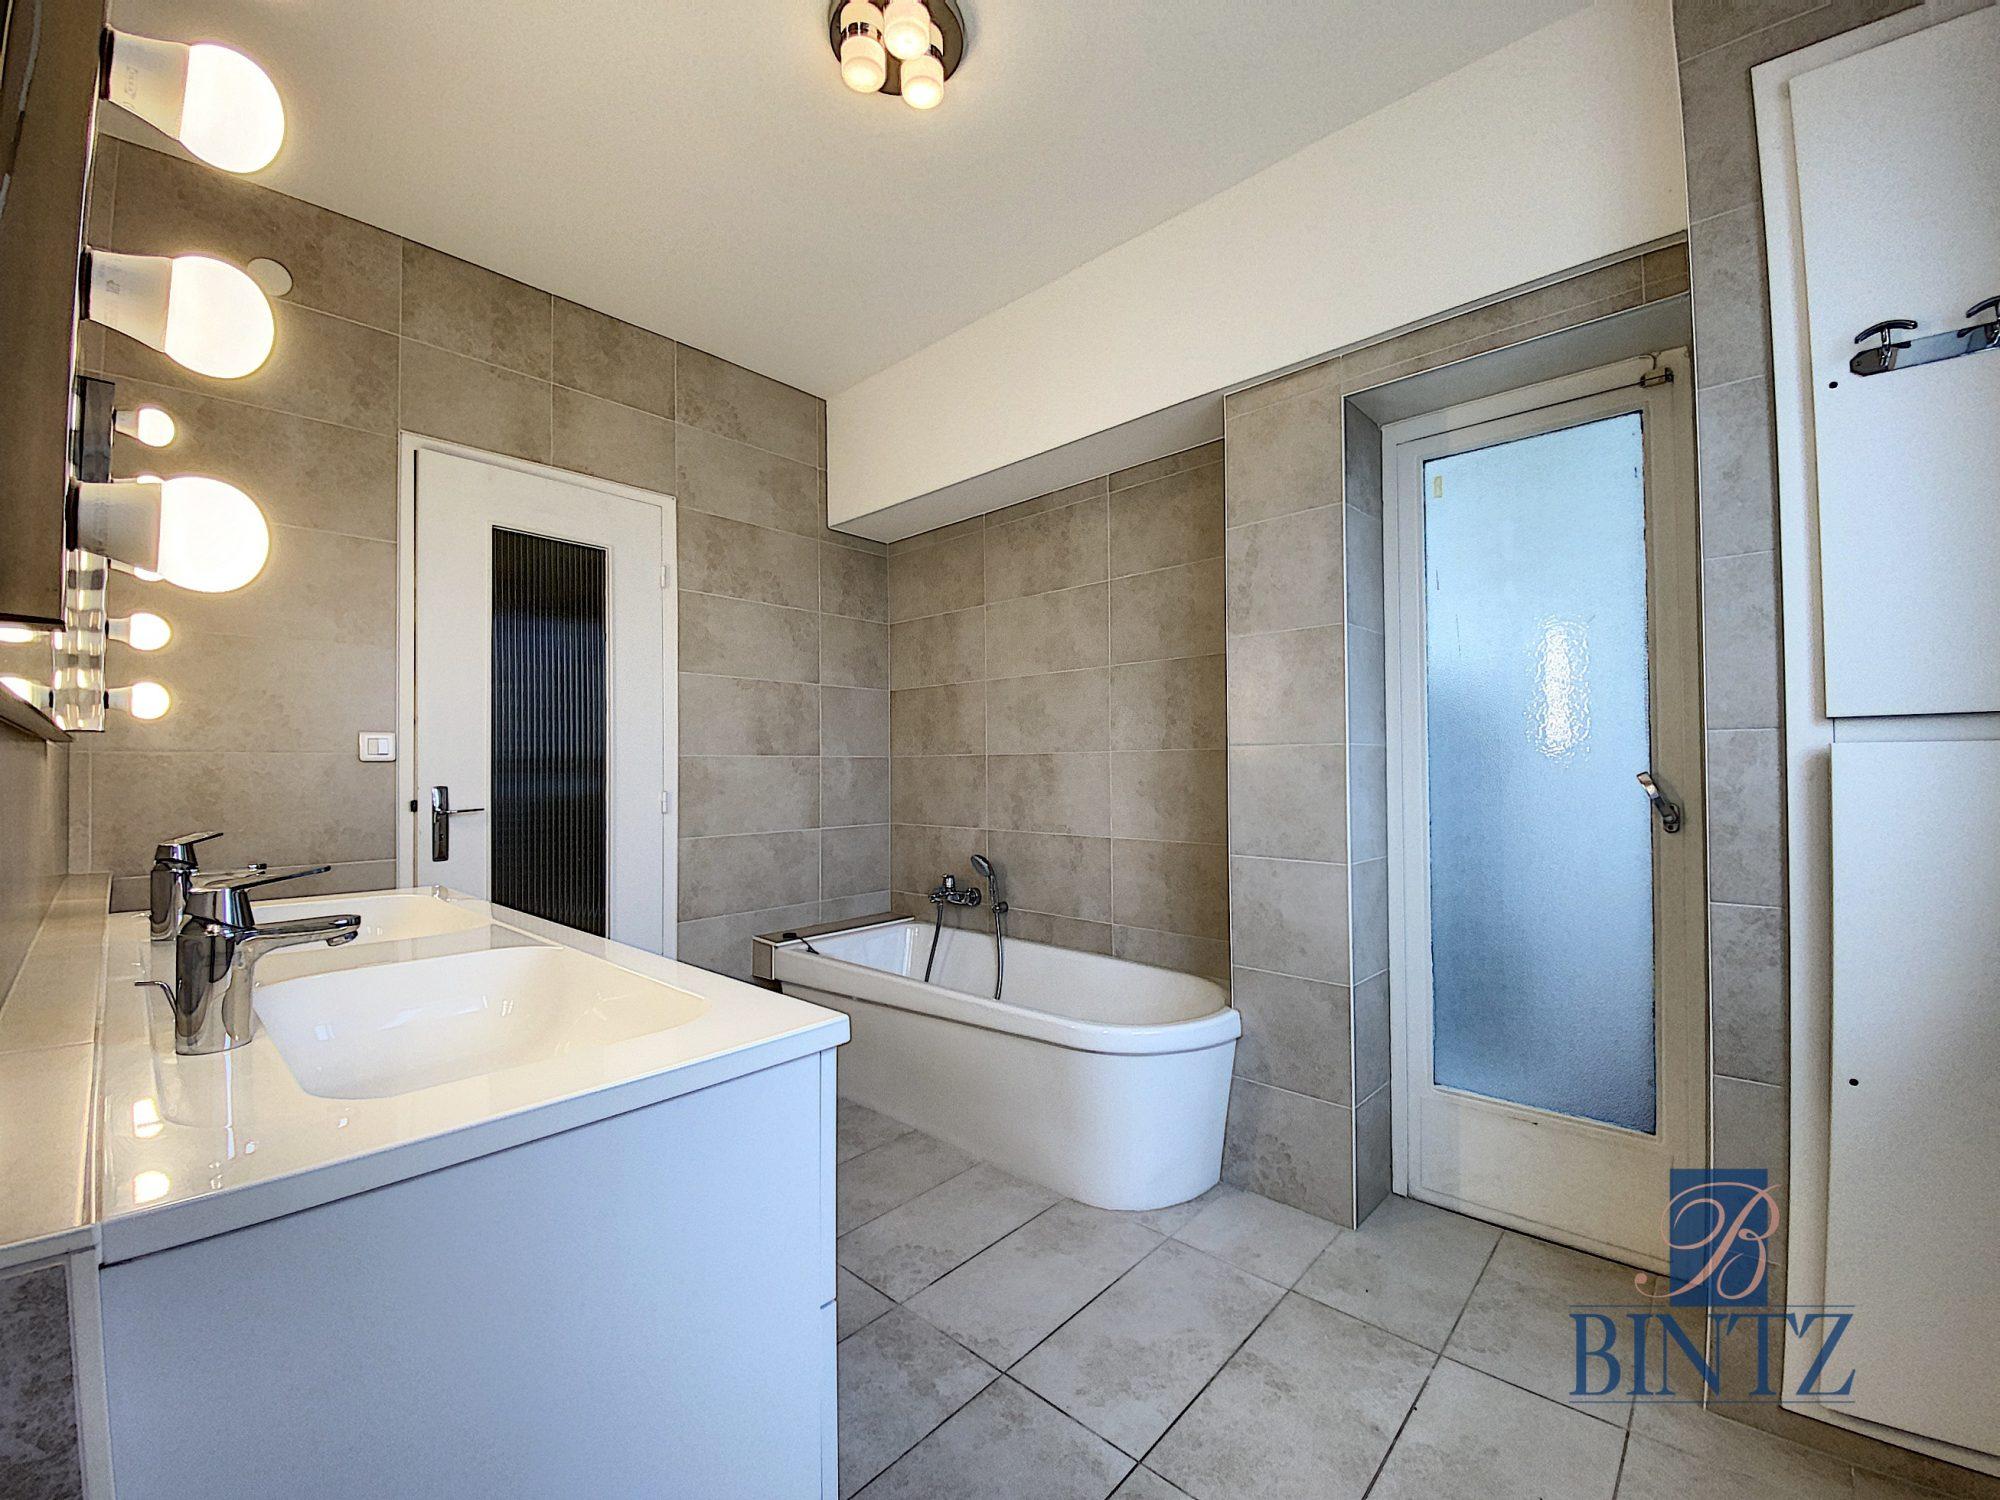 5 PIÈCES QUARTIER CONTADES - Devenez locataire en toute sérénité - Bintz Immobilier - 15